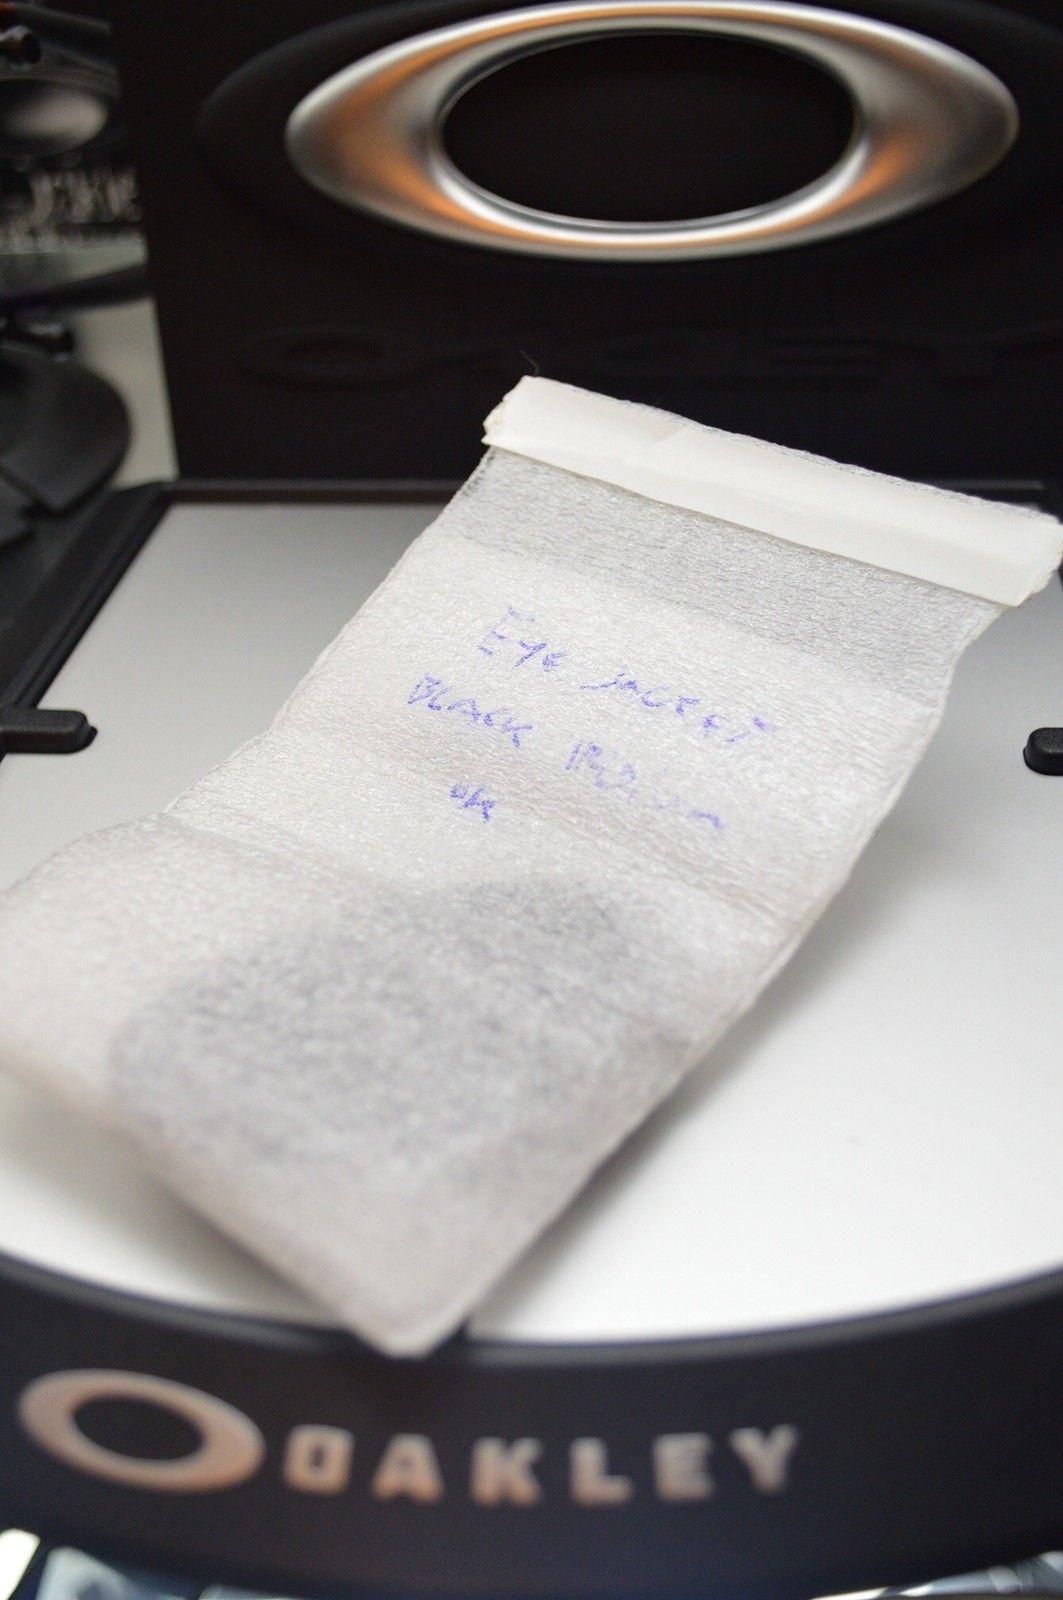 Bnob original Black Iridium lenses For Eye jacket - image.jpeg